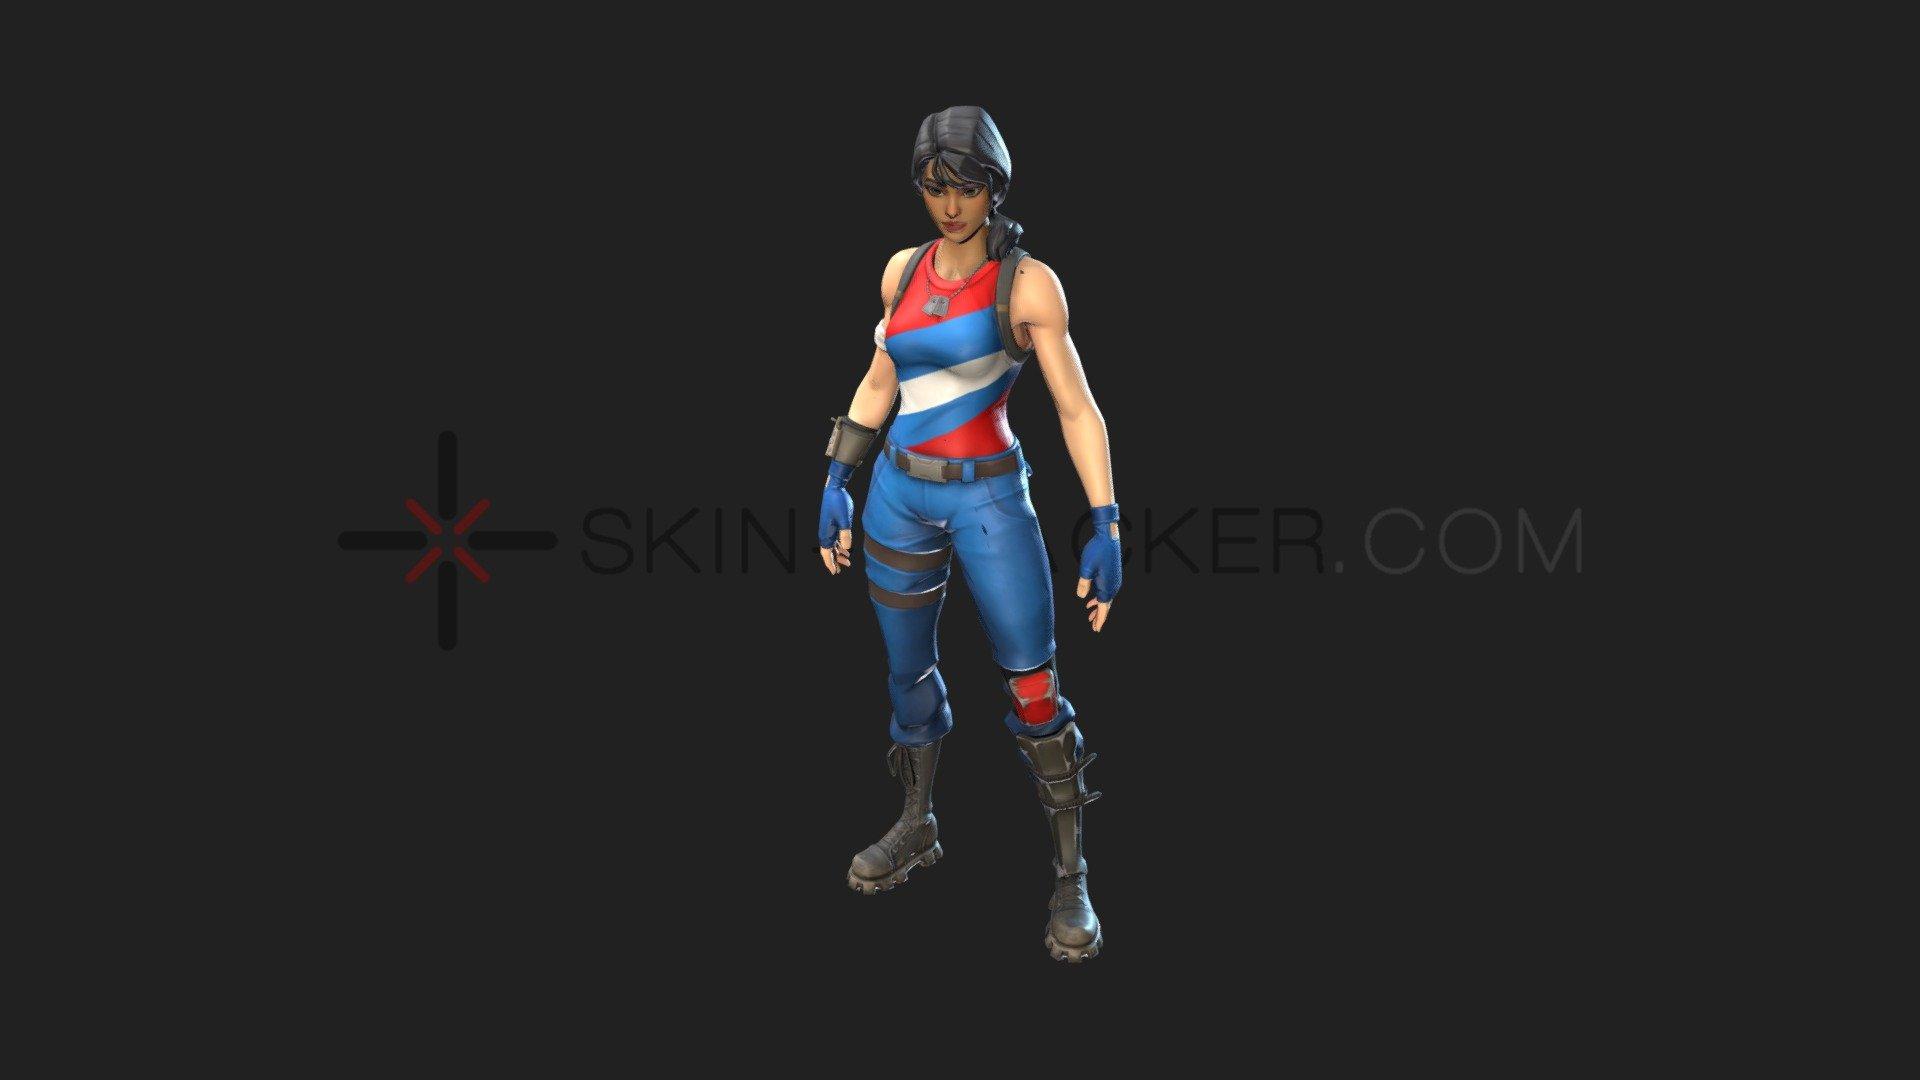 Fortnite   Star Spangled Ranger   3D model by Skin Tracker 1920x1080